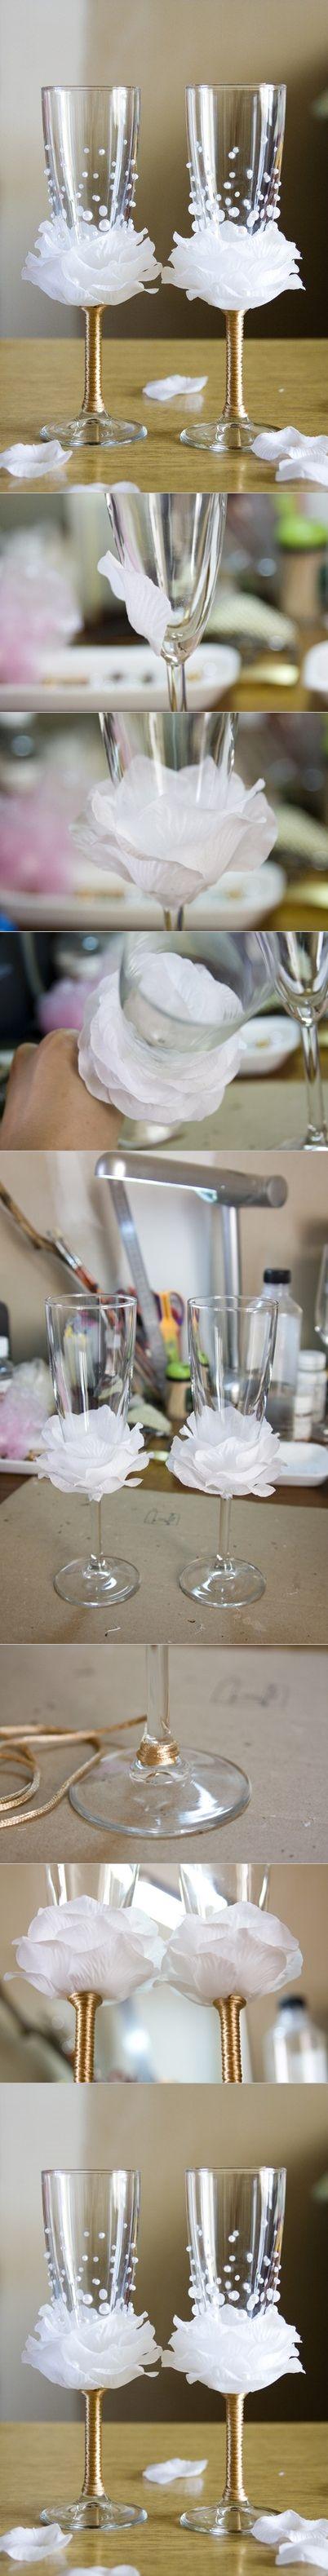 Vous êtes invité dans une noce, ou vous l'organisez, ou vous cherchez un cadeau original à offrir, mais fait par vous? Voici 3 super belles idées pour les mariés! Avec peu de matériel vous pourrez faire des flûtes champagne ou des coupes à vin, ou en